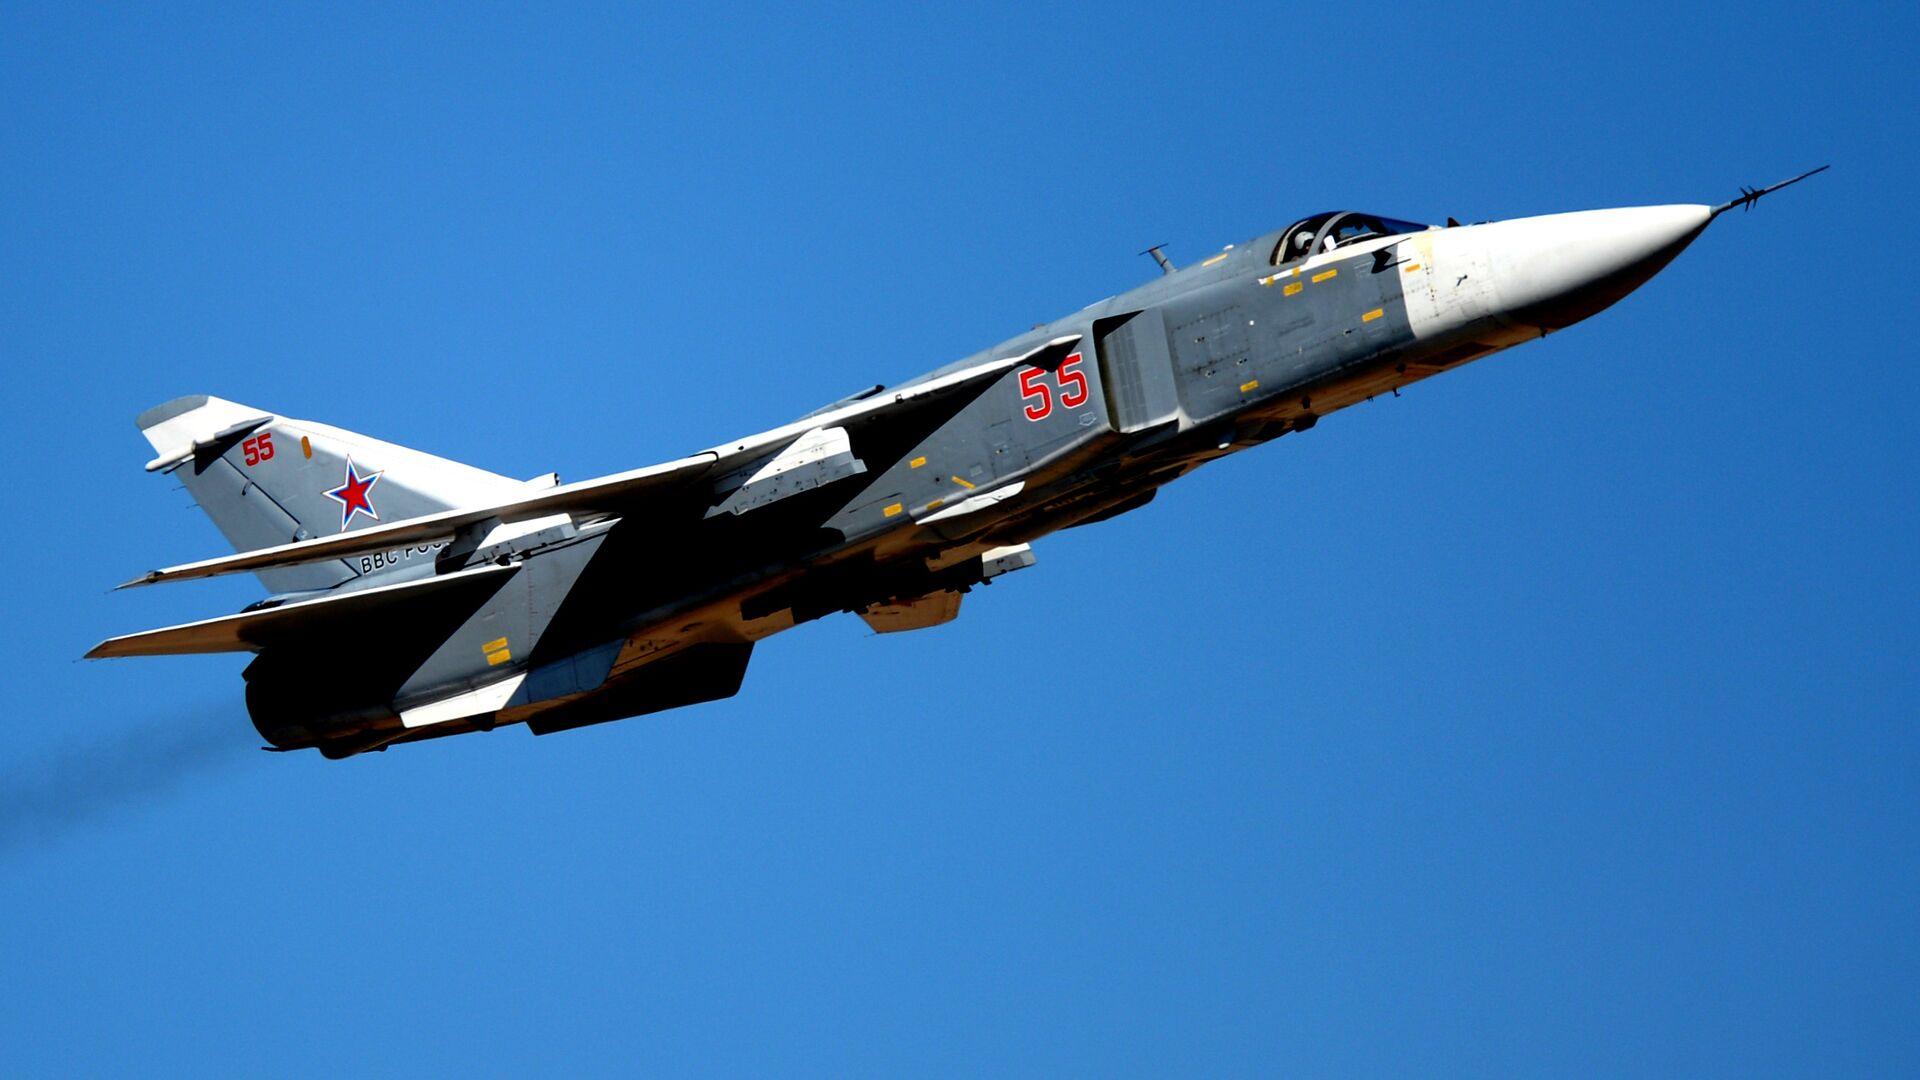 Самолет Су-24 на авиационном шоу в Ахтубинске, посвященном 95-летию лётно-испытательного центра министерства обороны РФ. - Sputnik Mundo, 1920, 23.06.2021